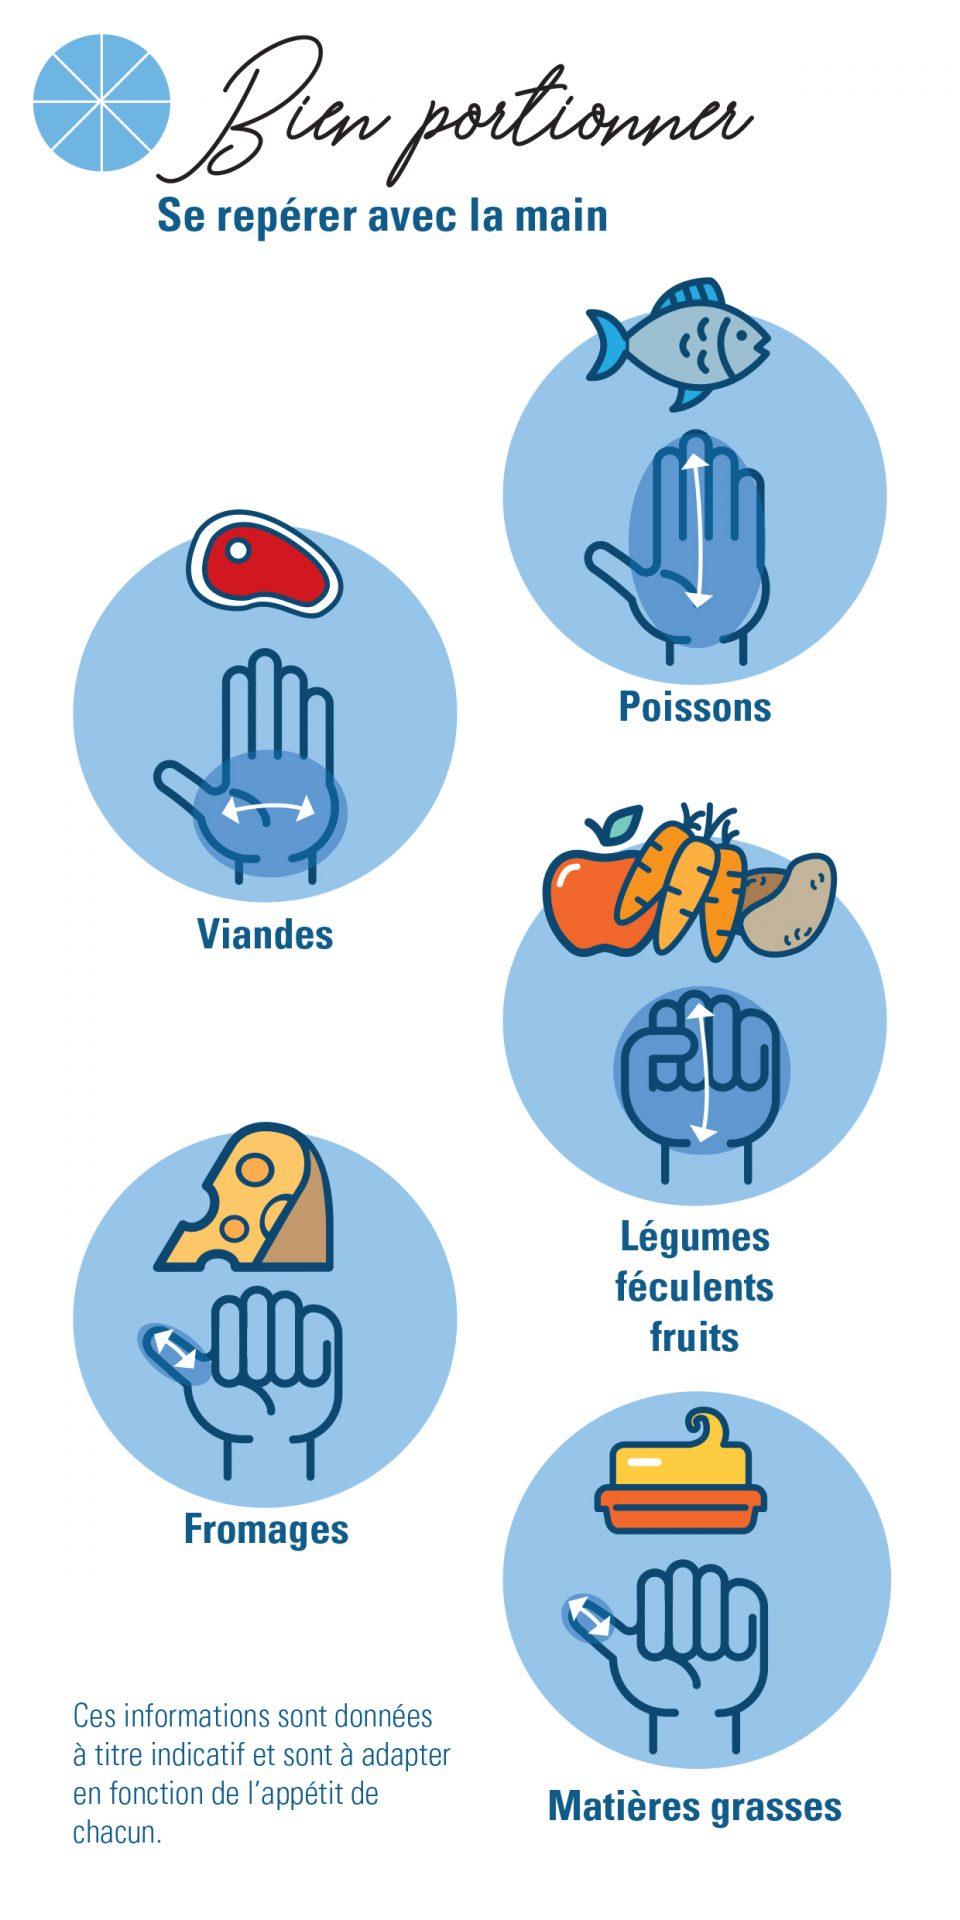 Mesurer les portions avec les mains